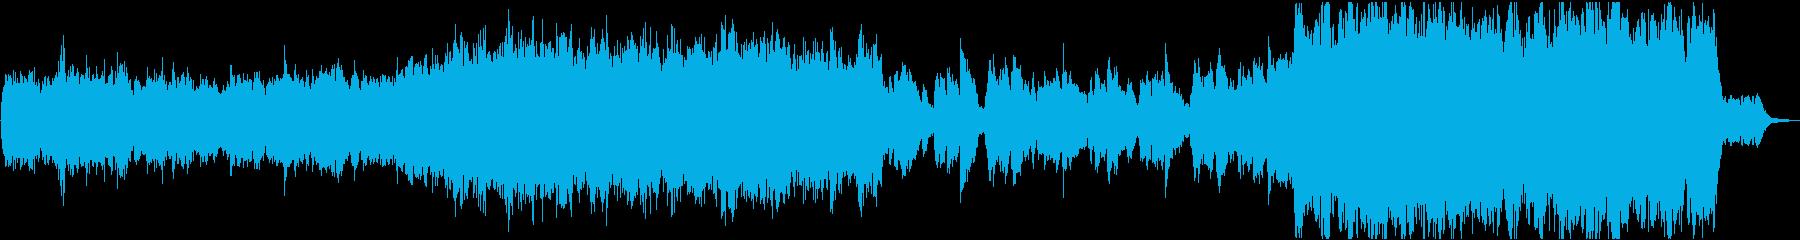 魔王城討伐/クワイア/RPGフィールドの再生済みの波形